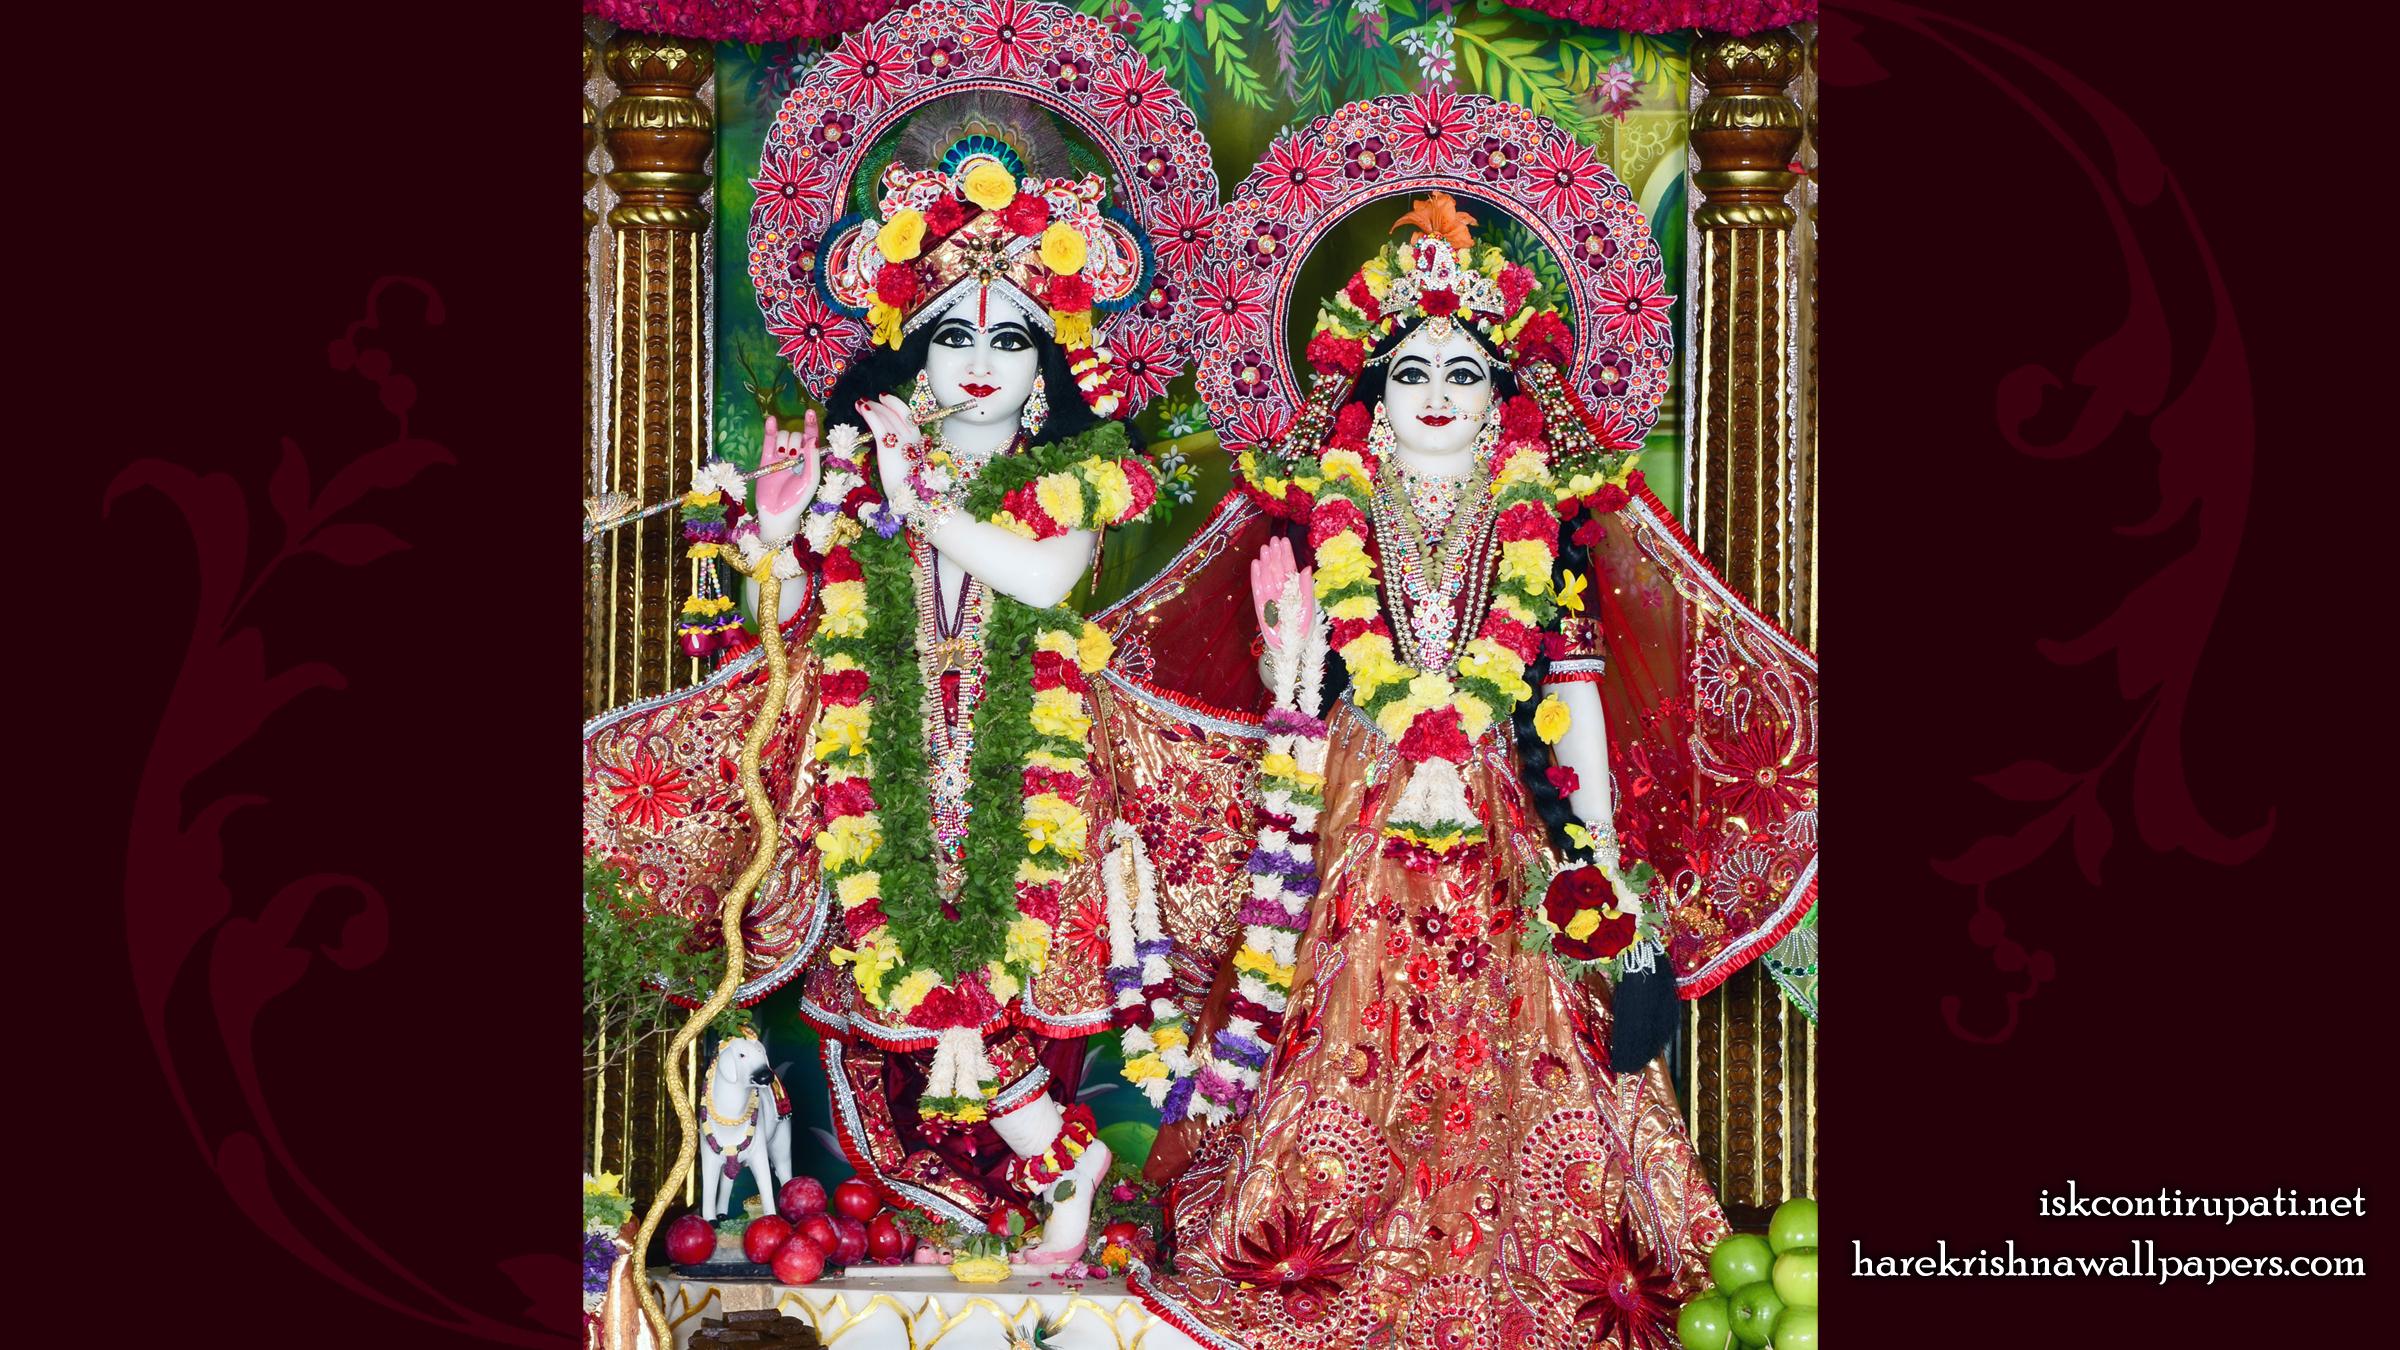 Sri Sri Radha Govinda Wallpaper (010) Size 2400x1350 Download